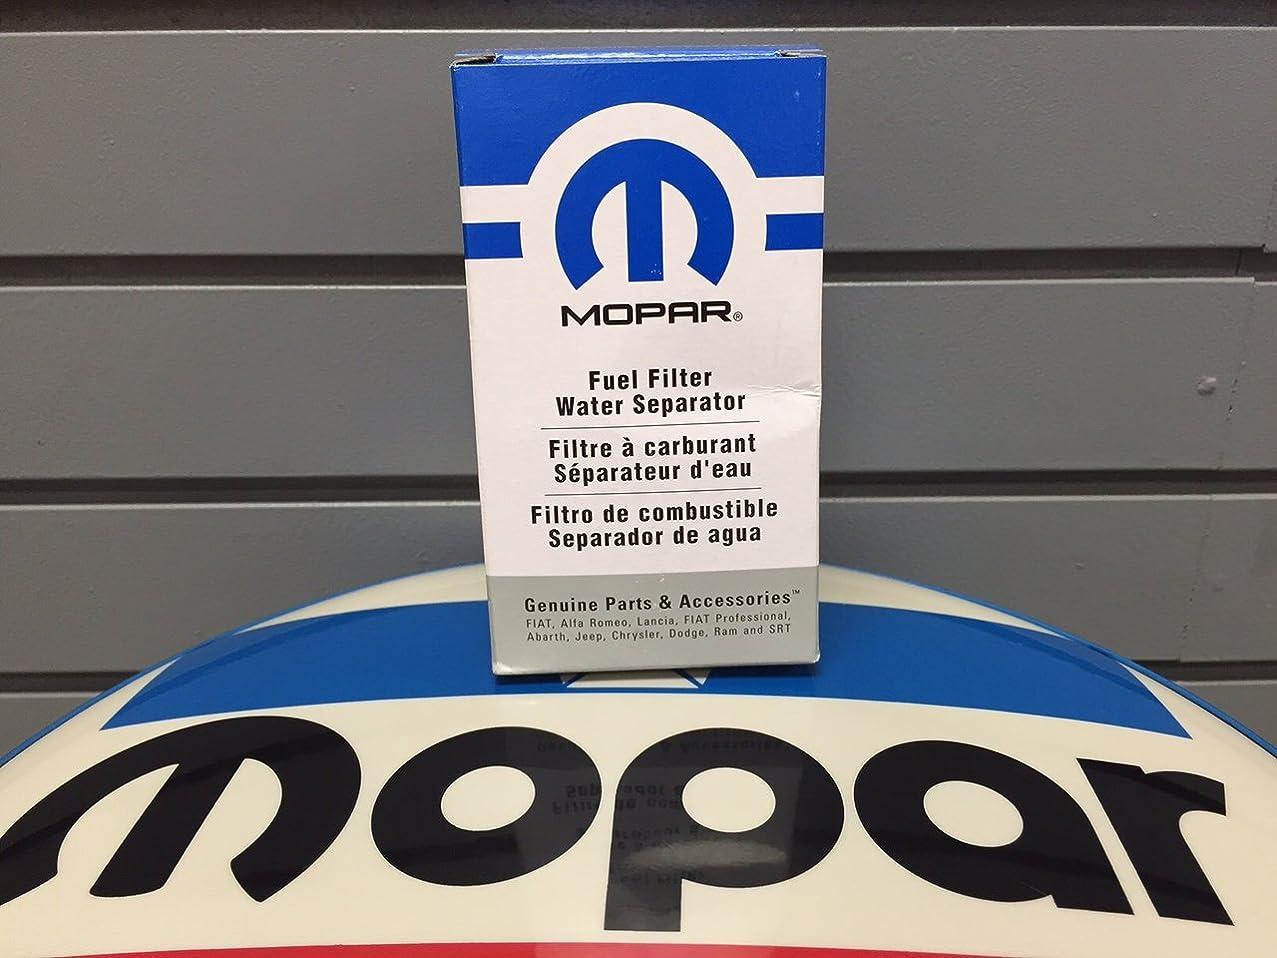 Mopar 6823 5275AA, Fuel Filter